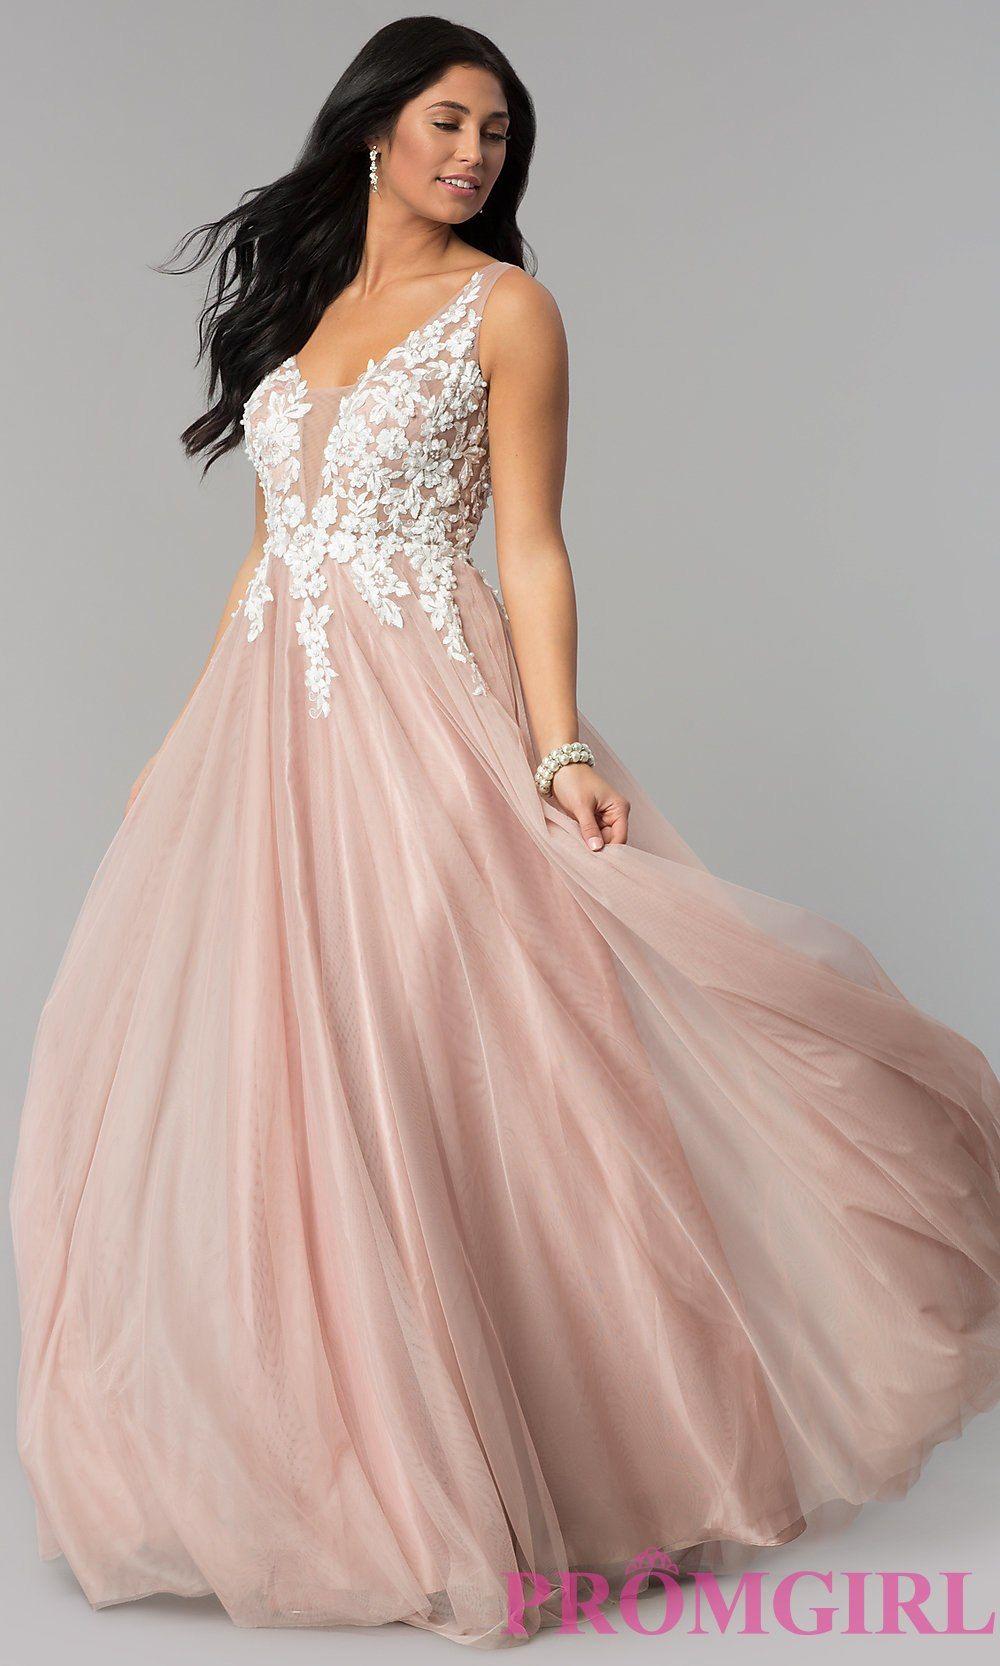 Vistoso Vestidos Cortos Del Promgirl Ideas Ornamento Elaboración ...